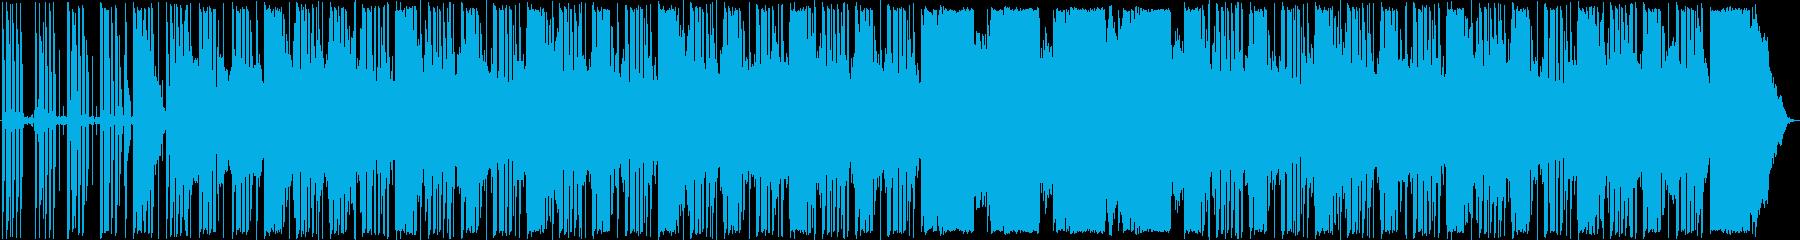 Acoustic guitar gentle mellow lofi hiphop's reproduced waveform